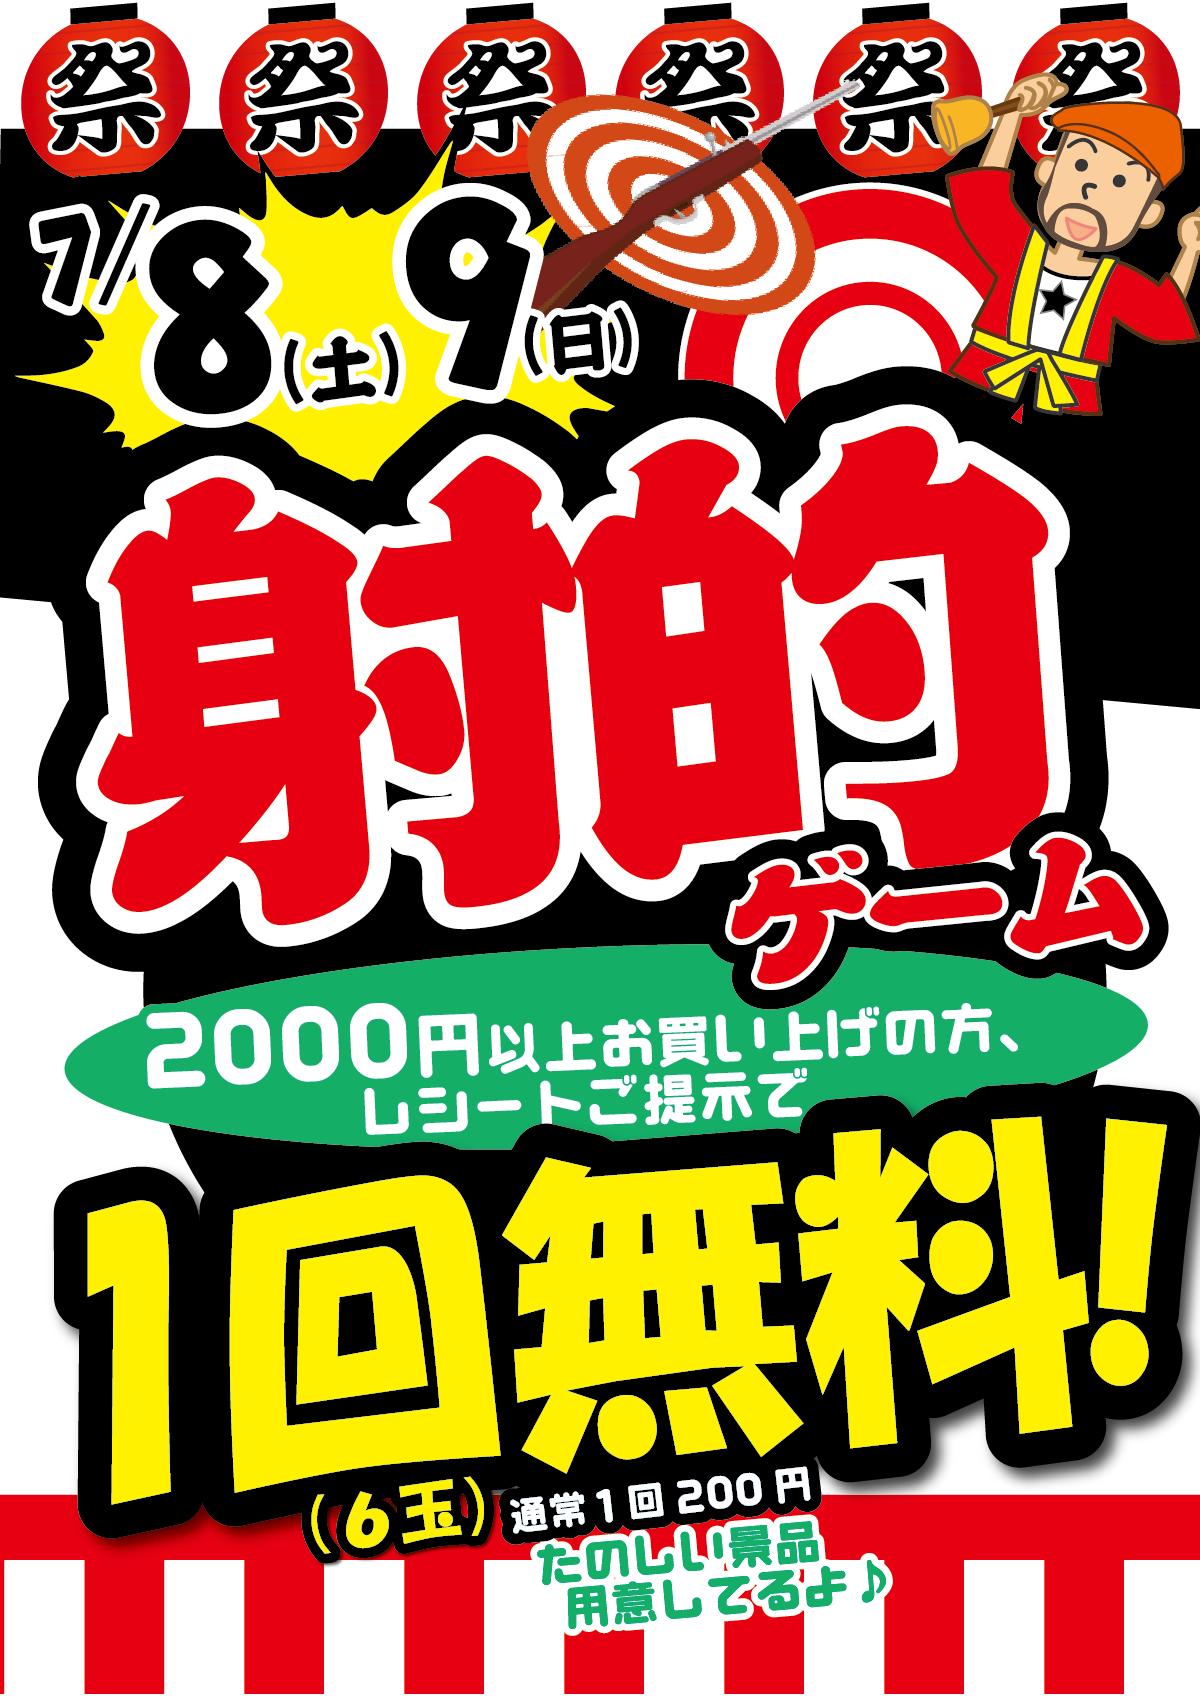 「開放倉庫米子店」2017年7/8(土)、9(日)の2日間は!射的ゲーム開催!!2000円以上お買上げの方、レシートご提示で『1回無料(6弾)※通常1回200円』たのしい景品用意してるよ♪